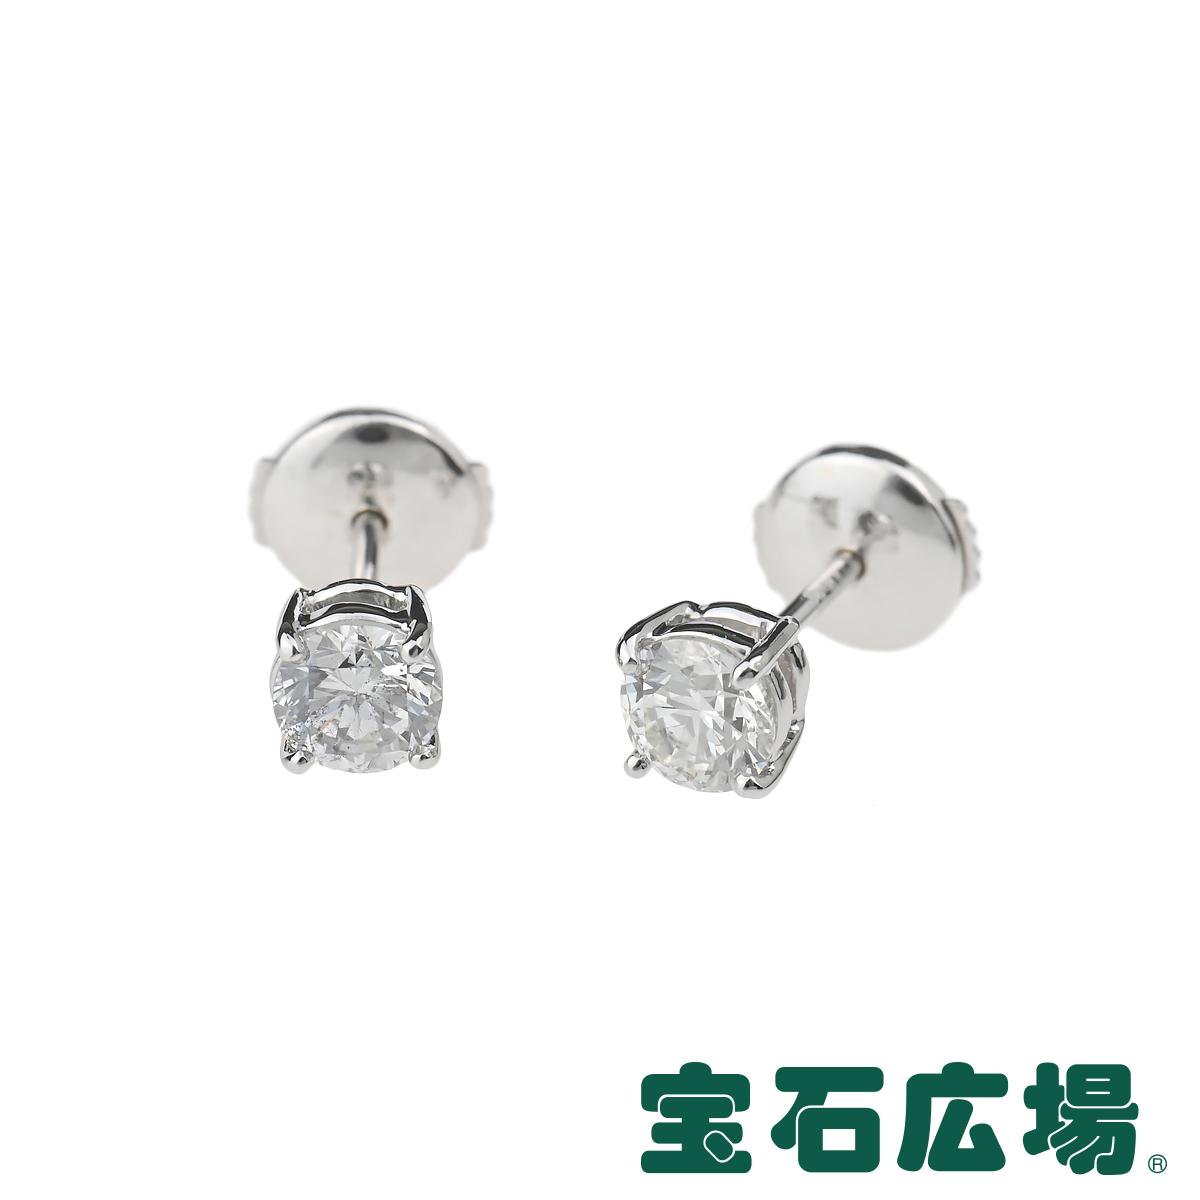 宝石広場オリジナル ダイヤ スタッドピアス 送料無料新品 D 0.529ct 0.512ct ジュエリー 新品 大規模セール ダイヤモンド ユニセックス 送料無料